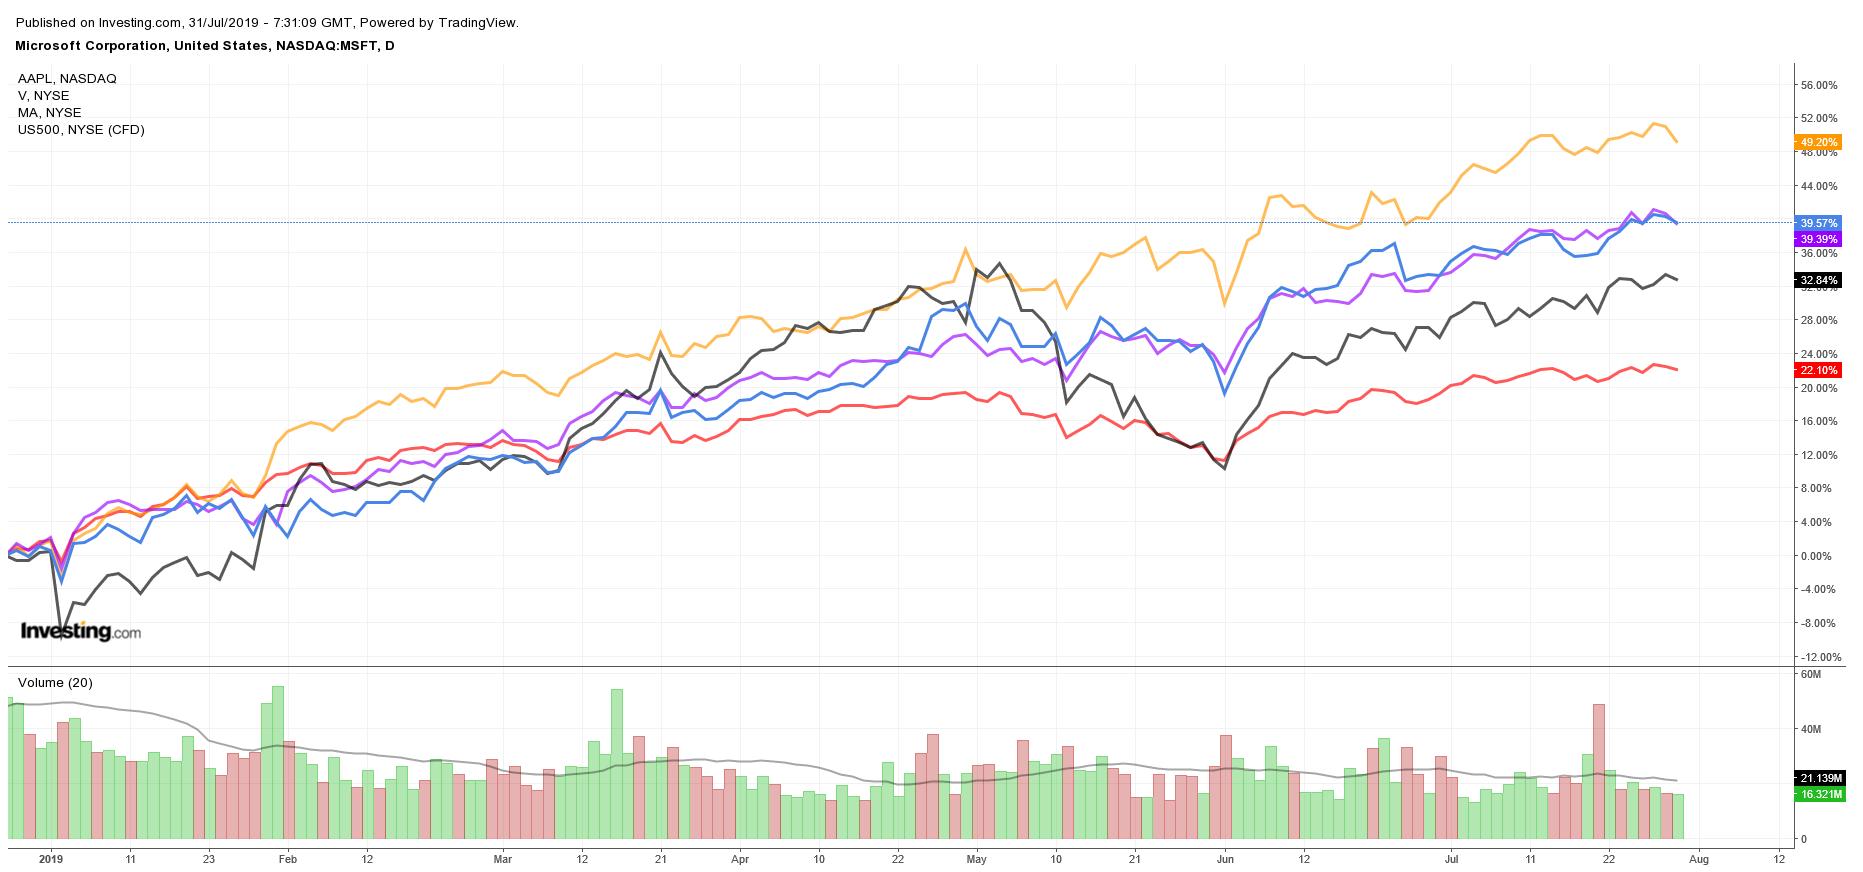 $MSFT $AAPL $V $MA vs S&P 500 YTD Performance